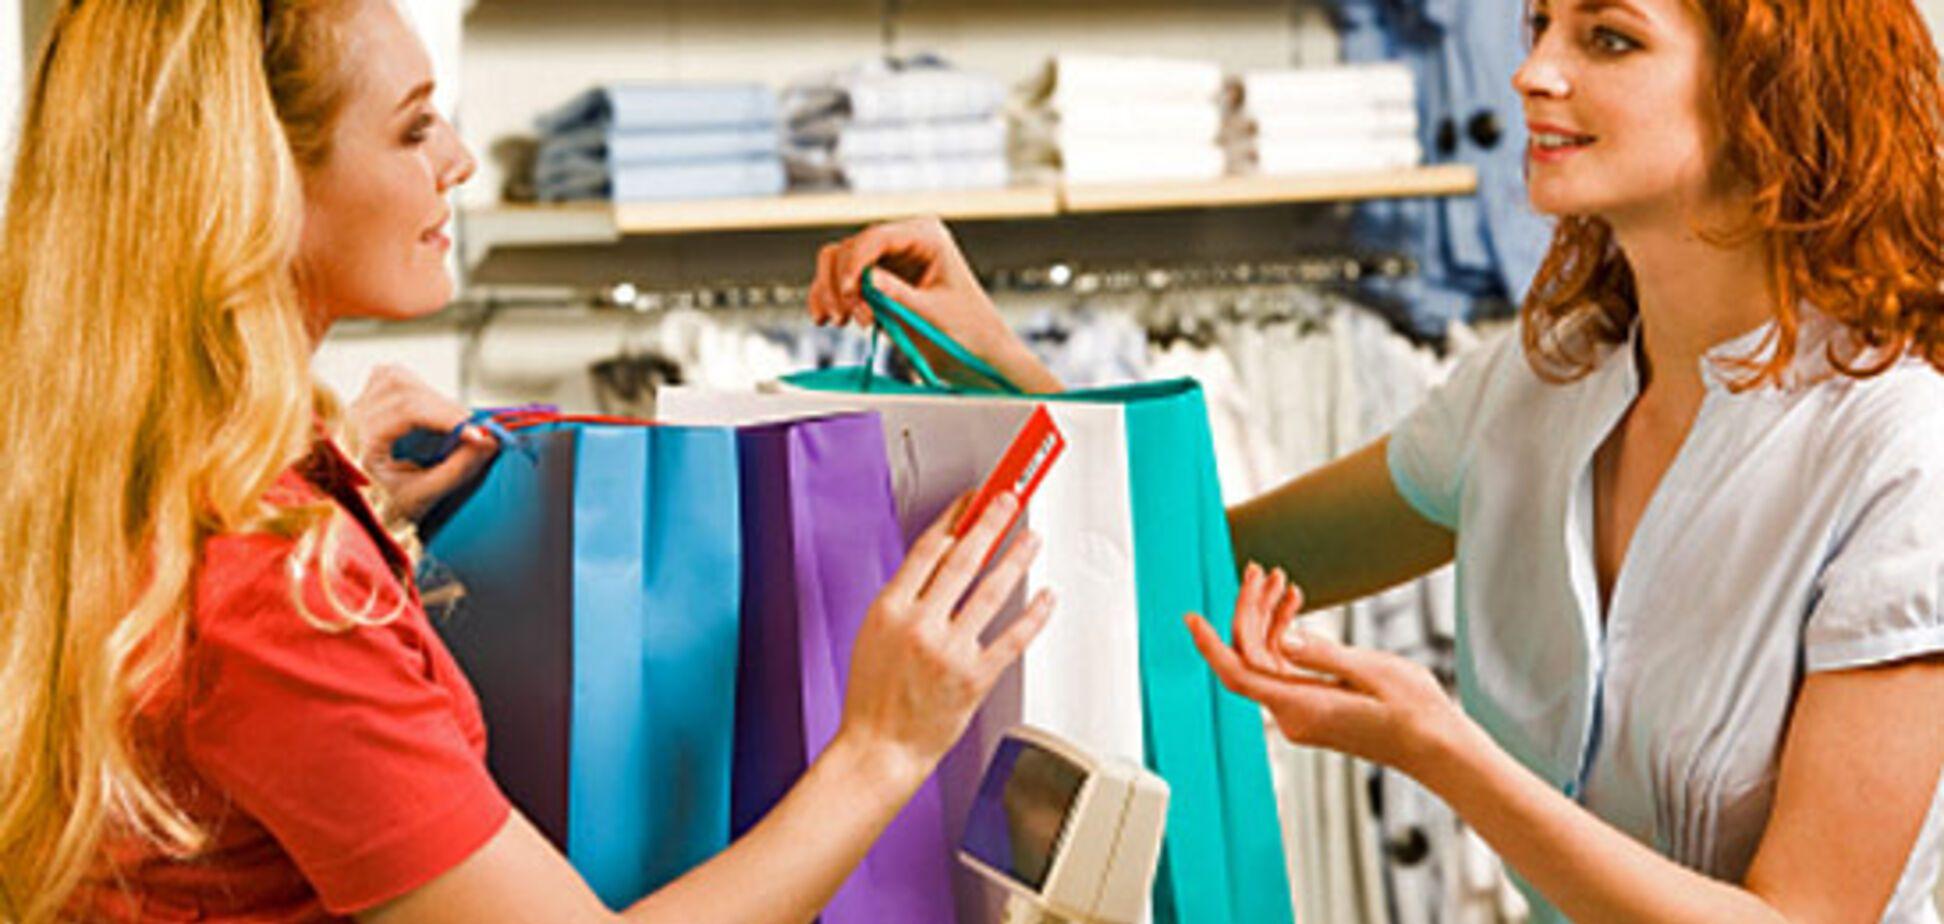 Повернути товар: лайфхаки для покупців